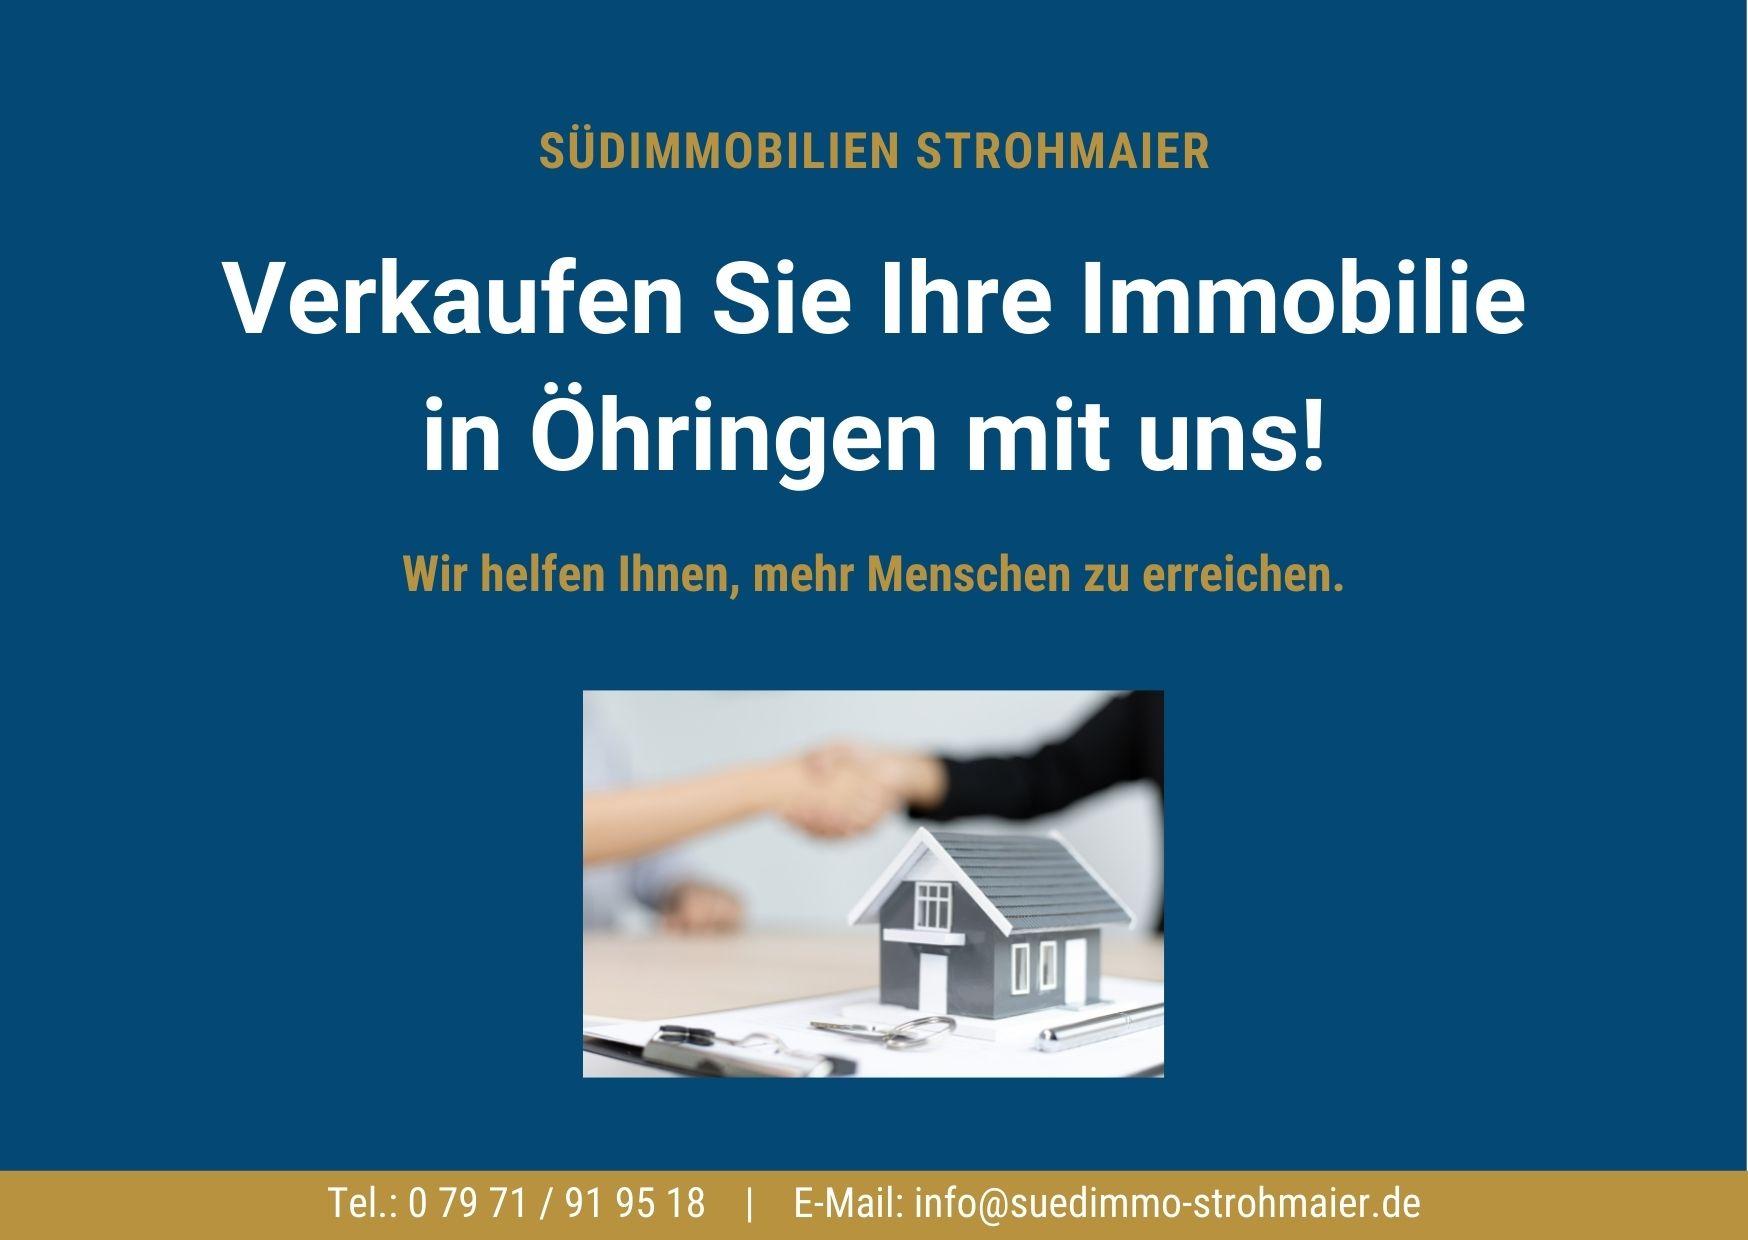 Immobilienmakler Öhringen: Mit uns Ihre Immobilie in Öhringen verkaufen